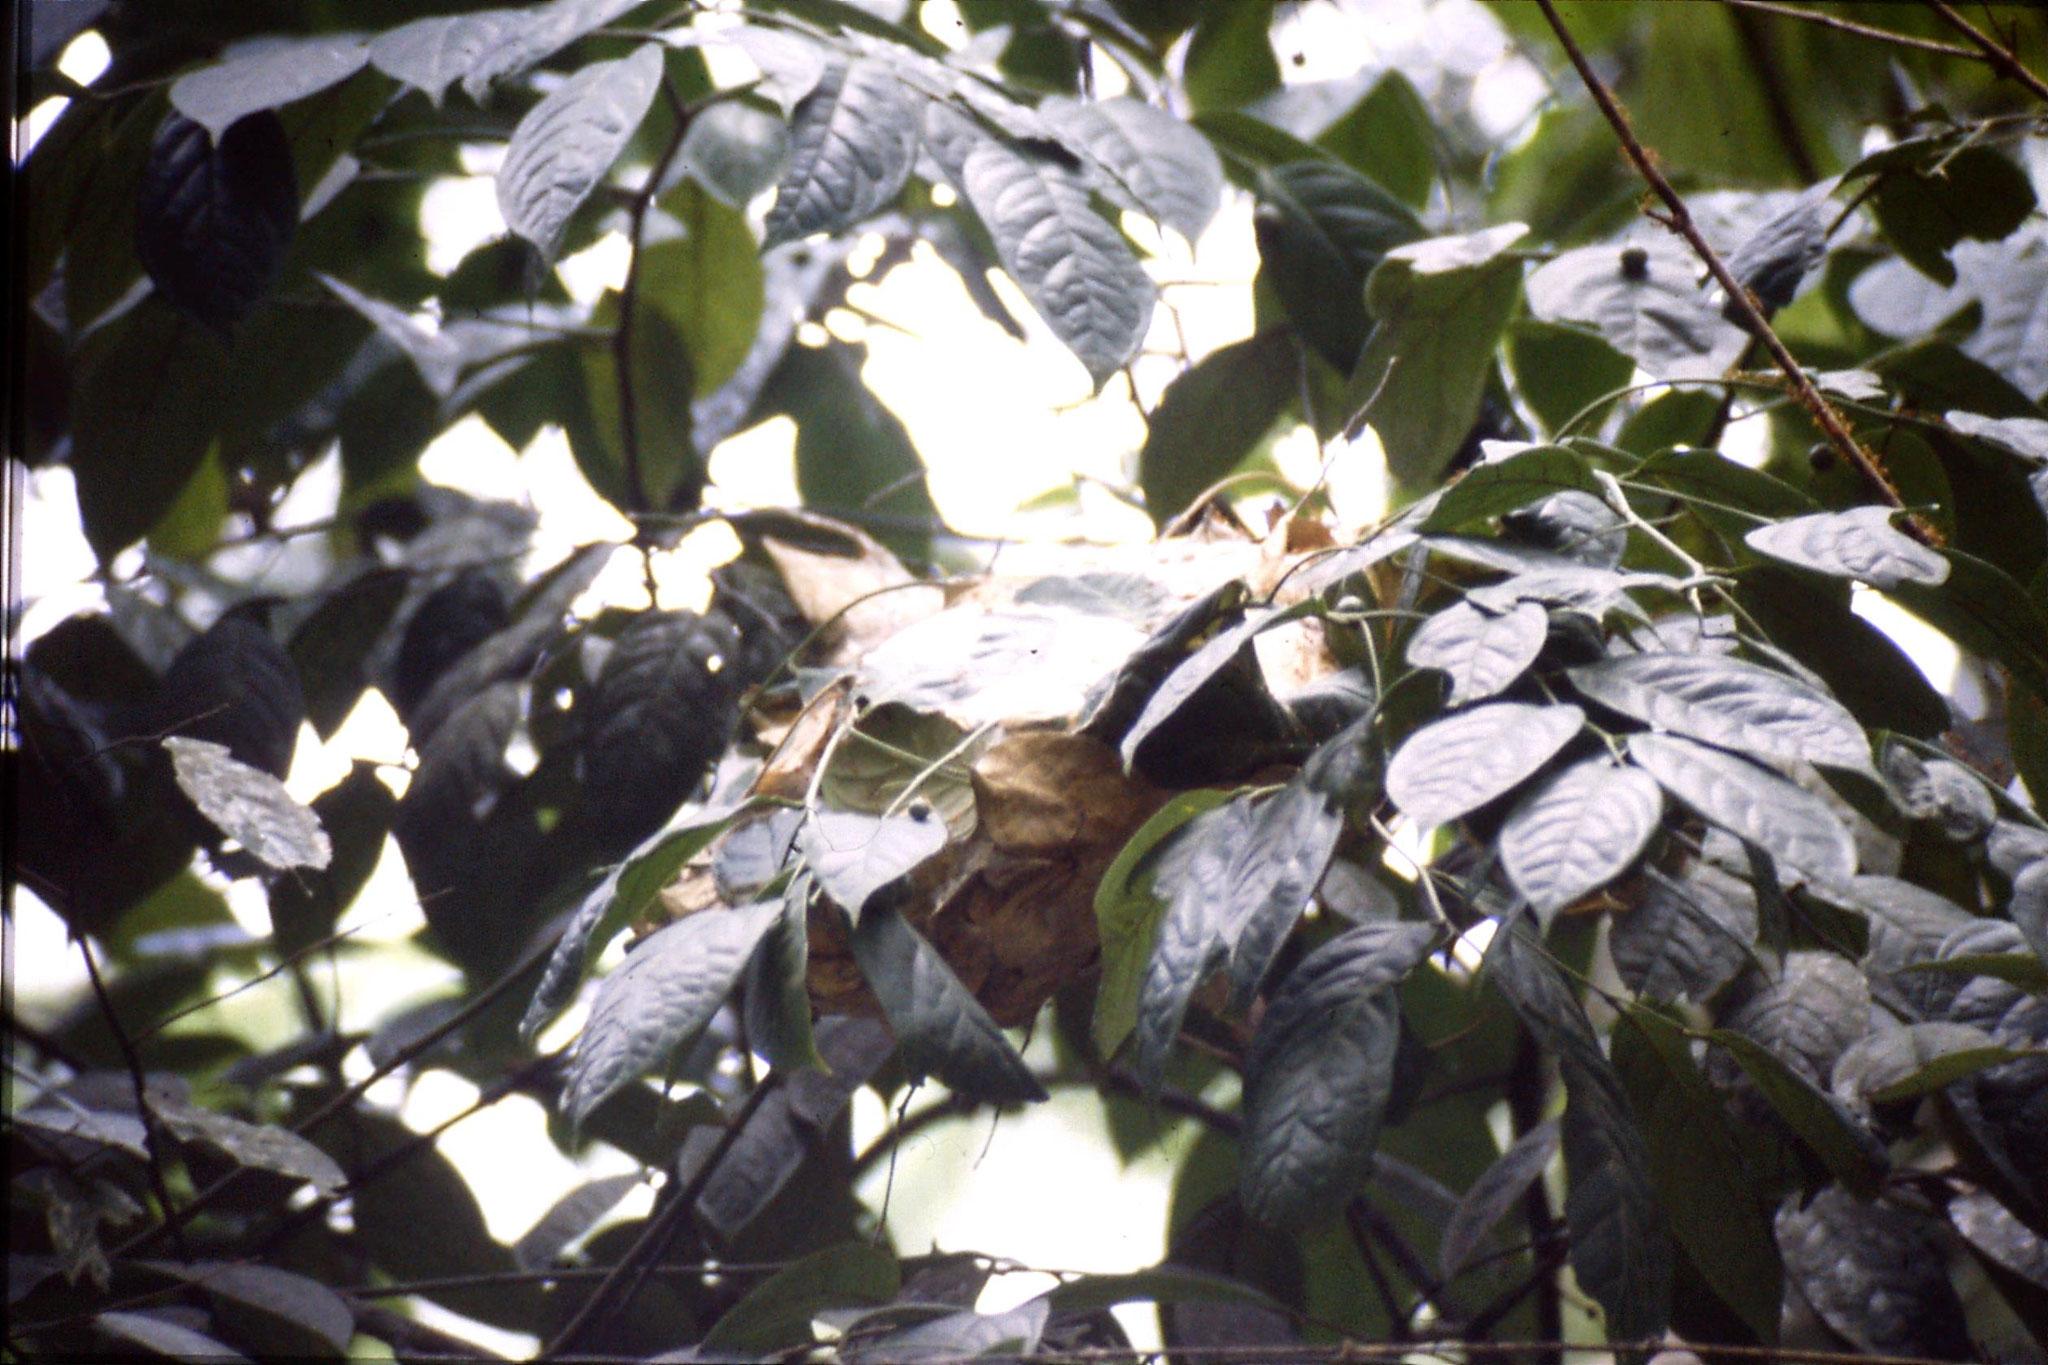 12/6/1990: 20: Trek - ant nest